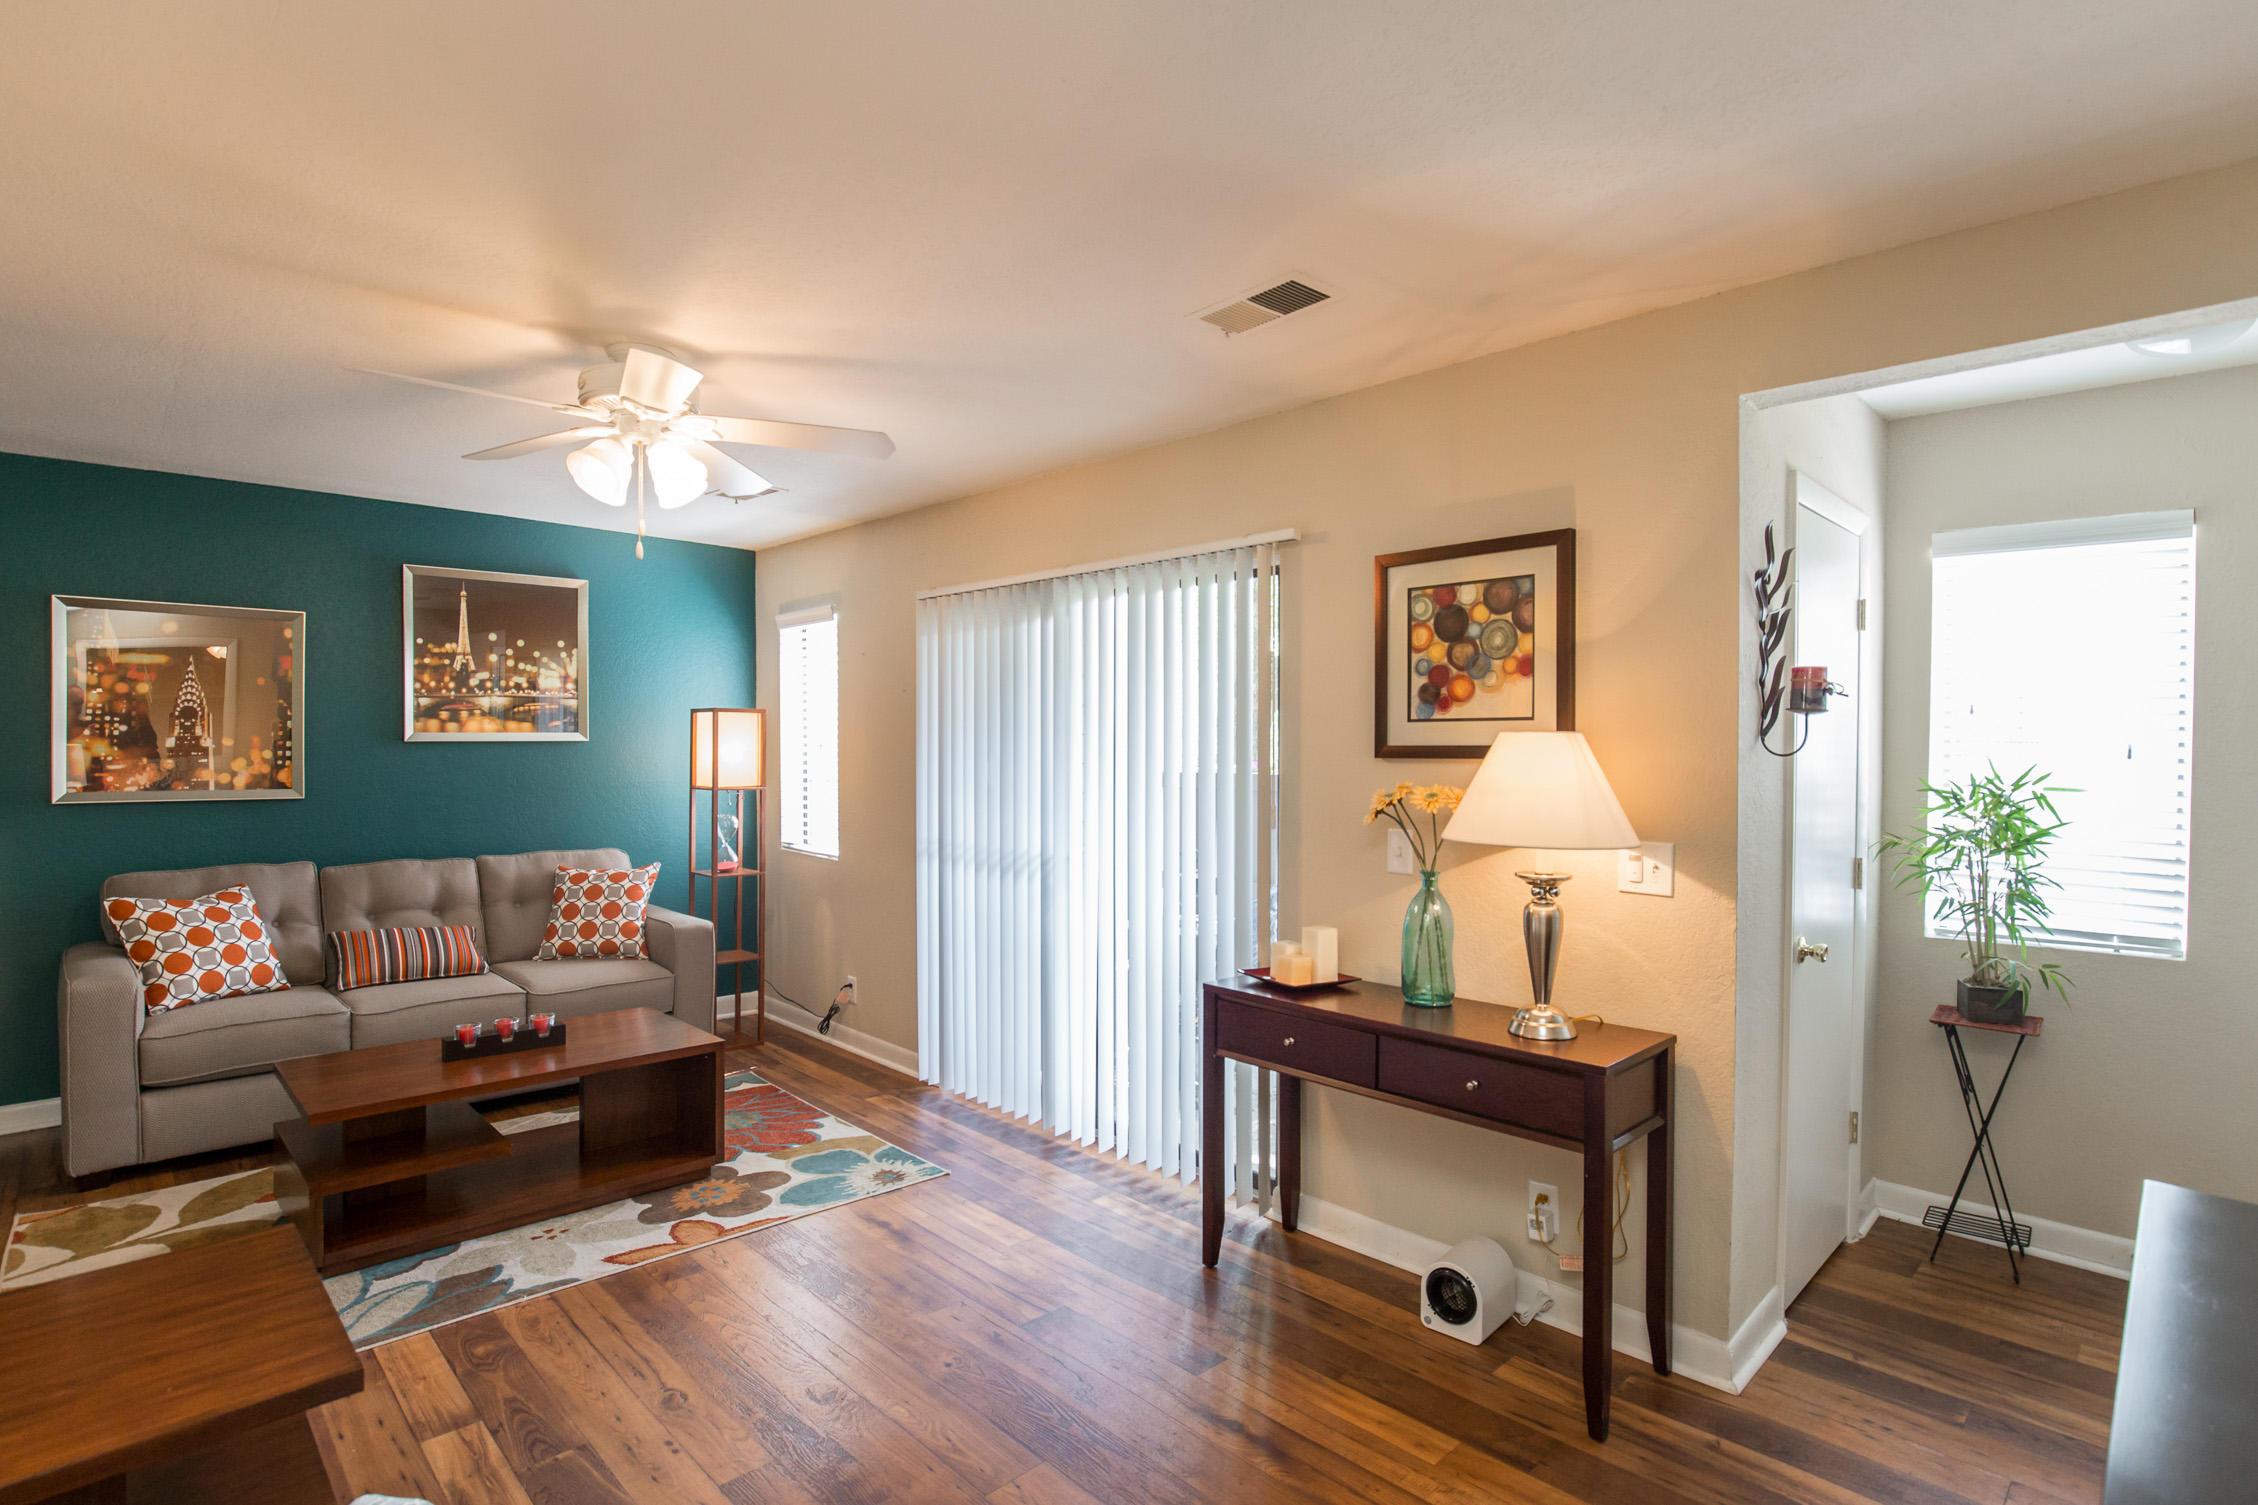 Timberlake Village Apartments image 15